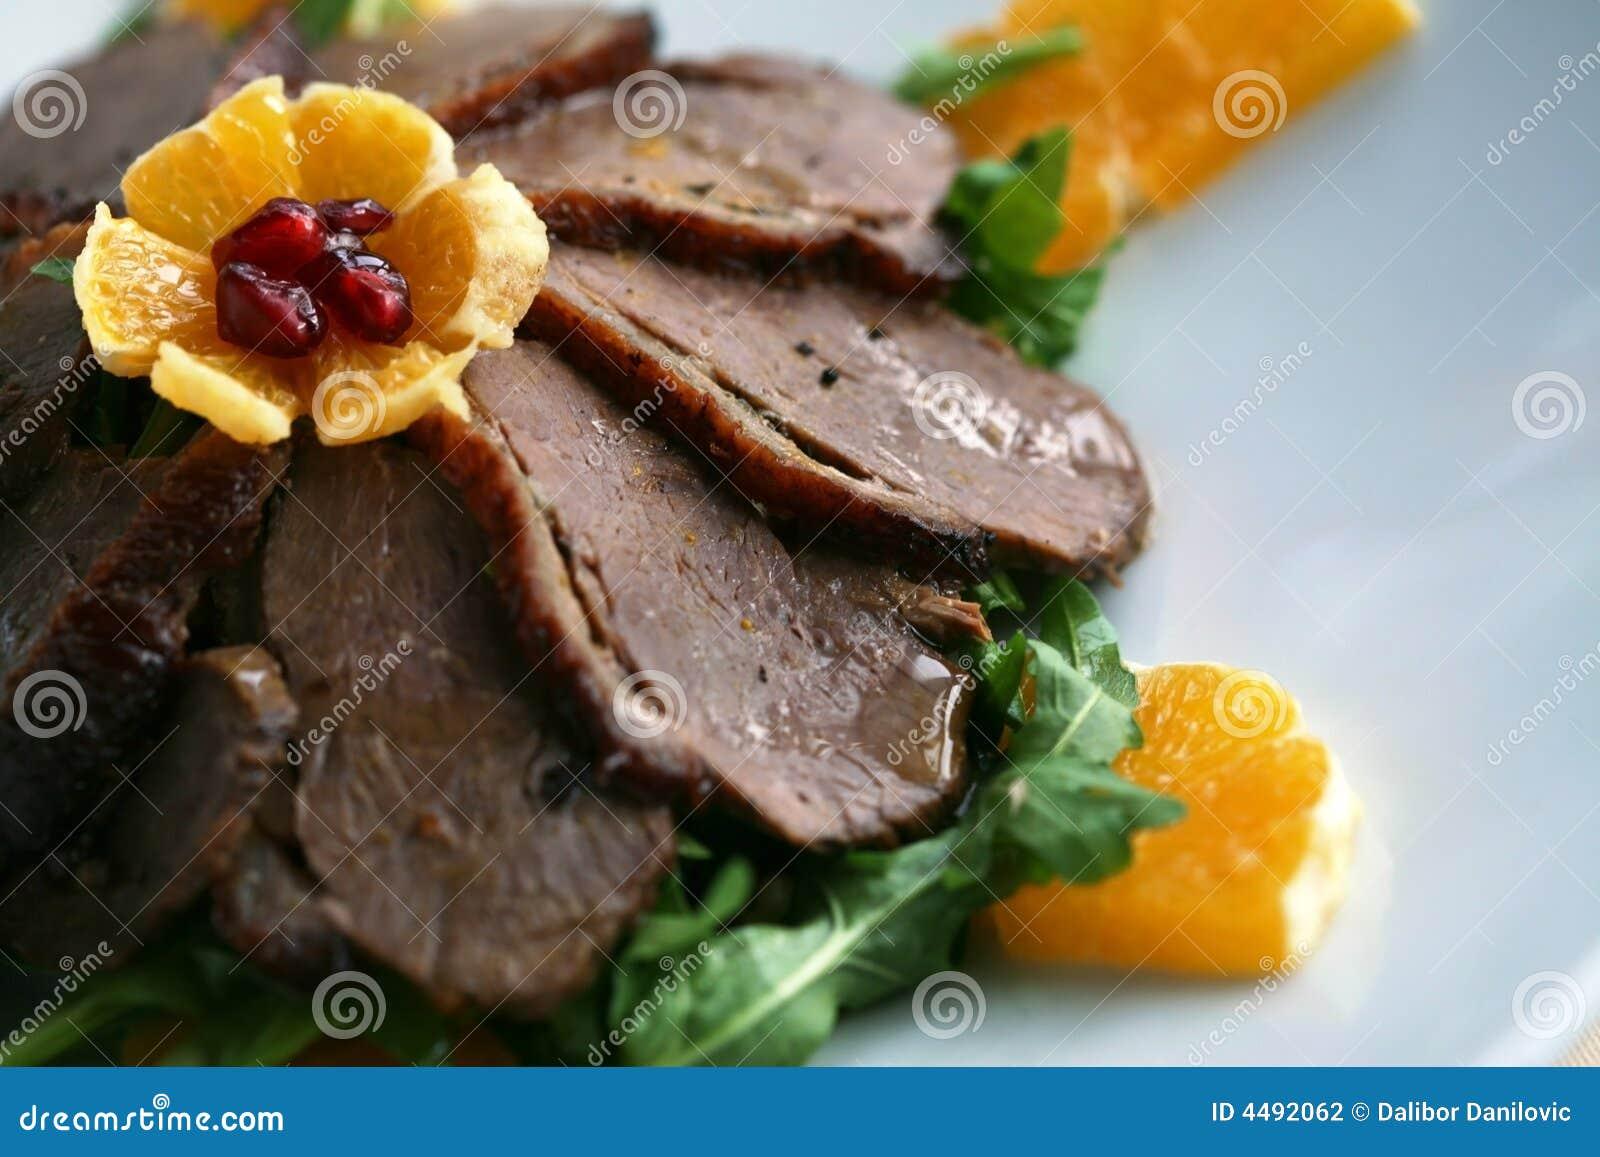 Plaque de viande de canard